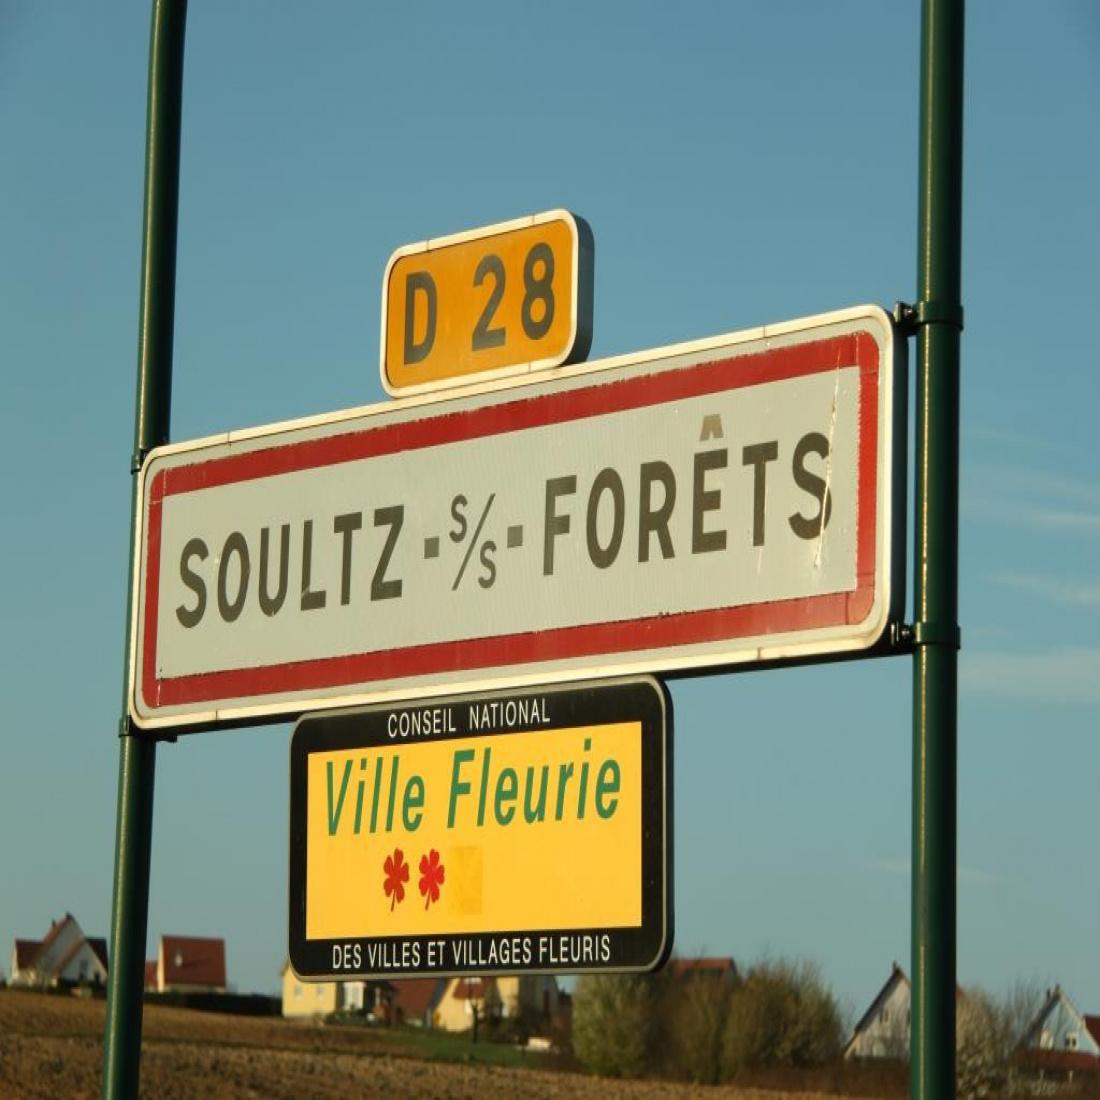 Soultz-Sous-Forêts